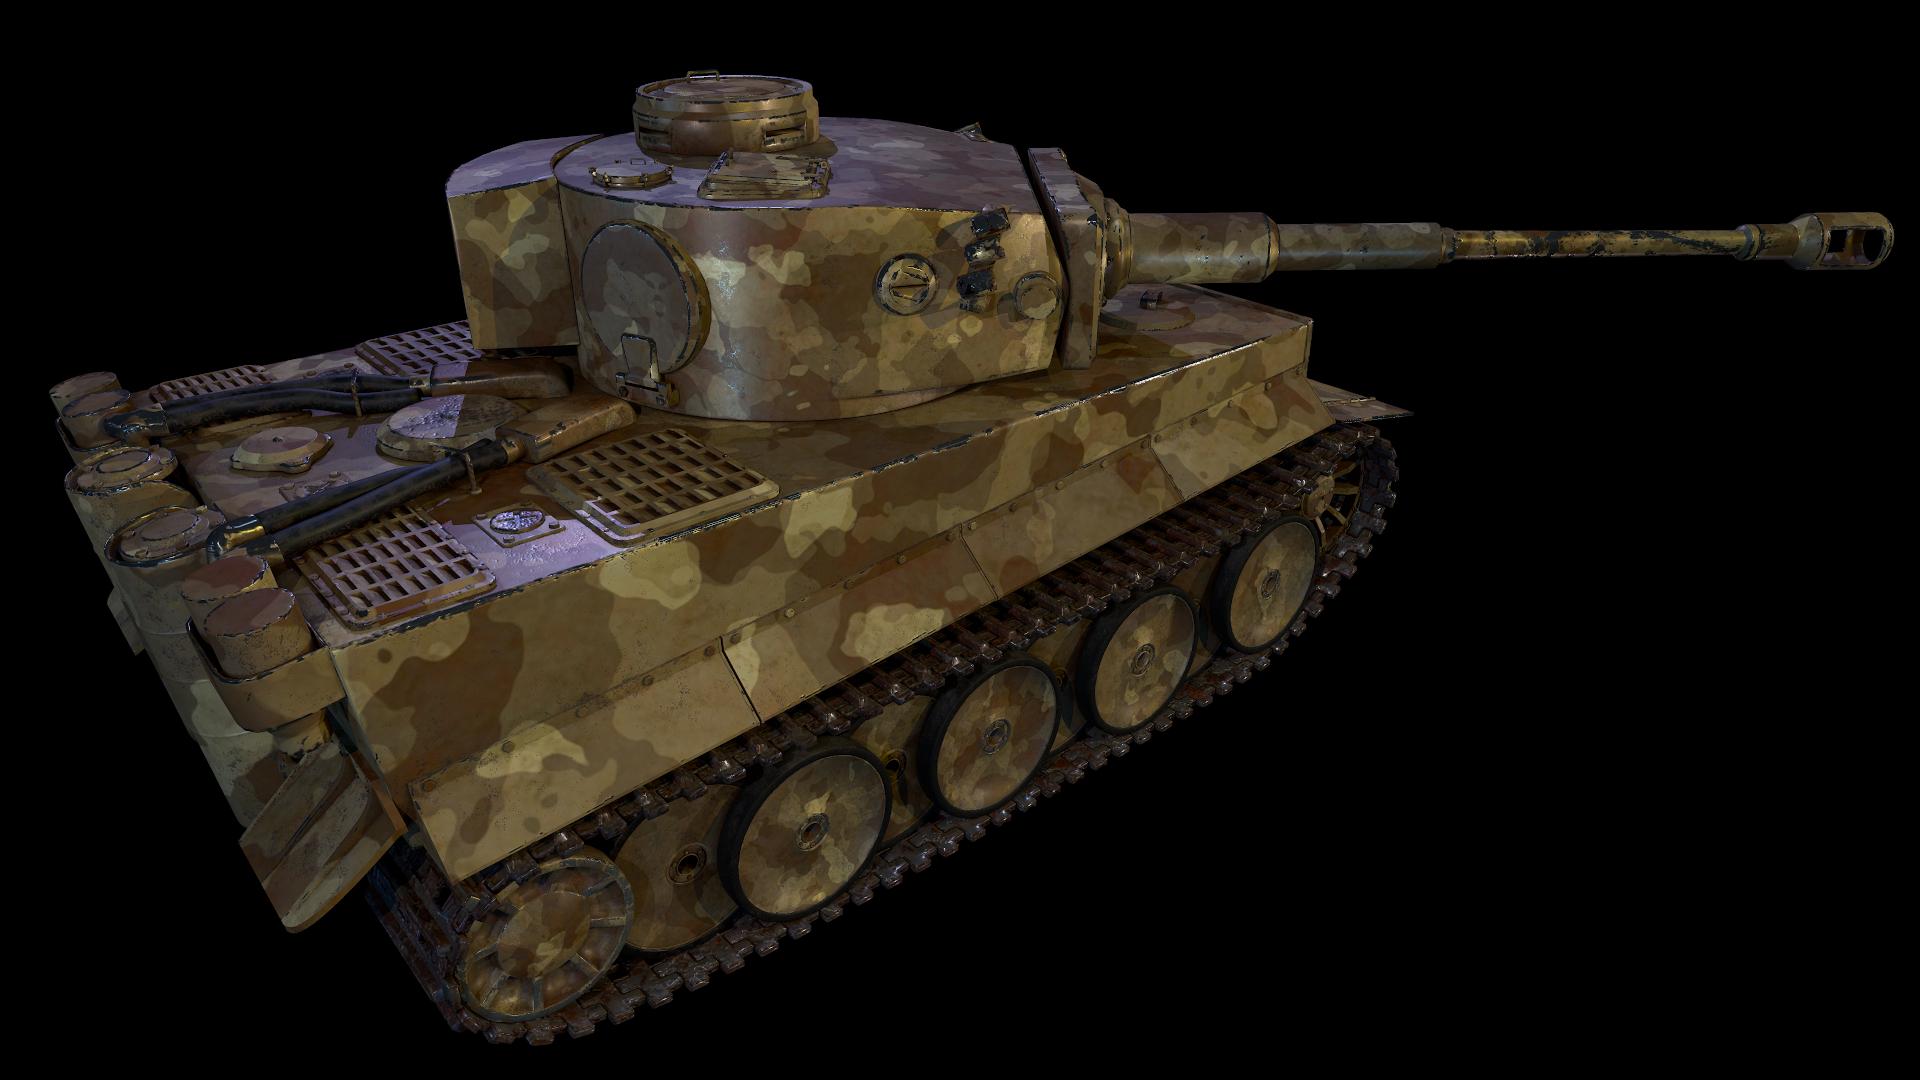 टैंक टाइगर 1 3d max Other में प्रस्तुत छवि